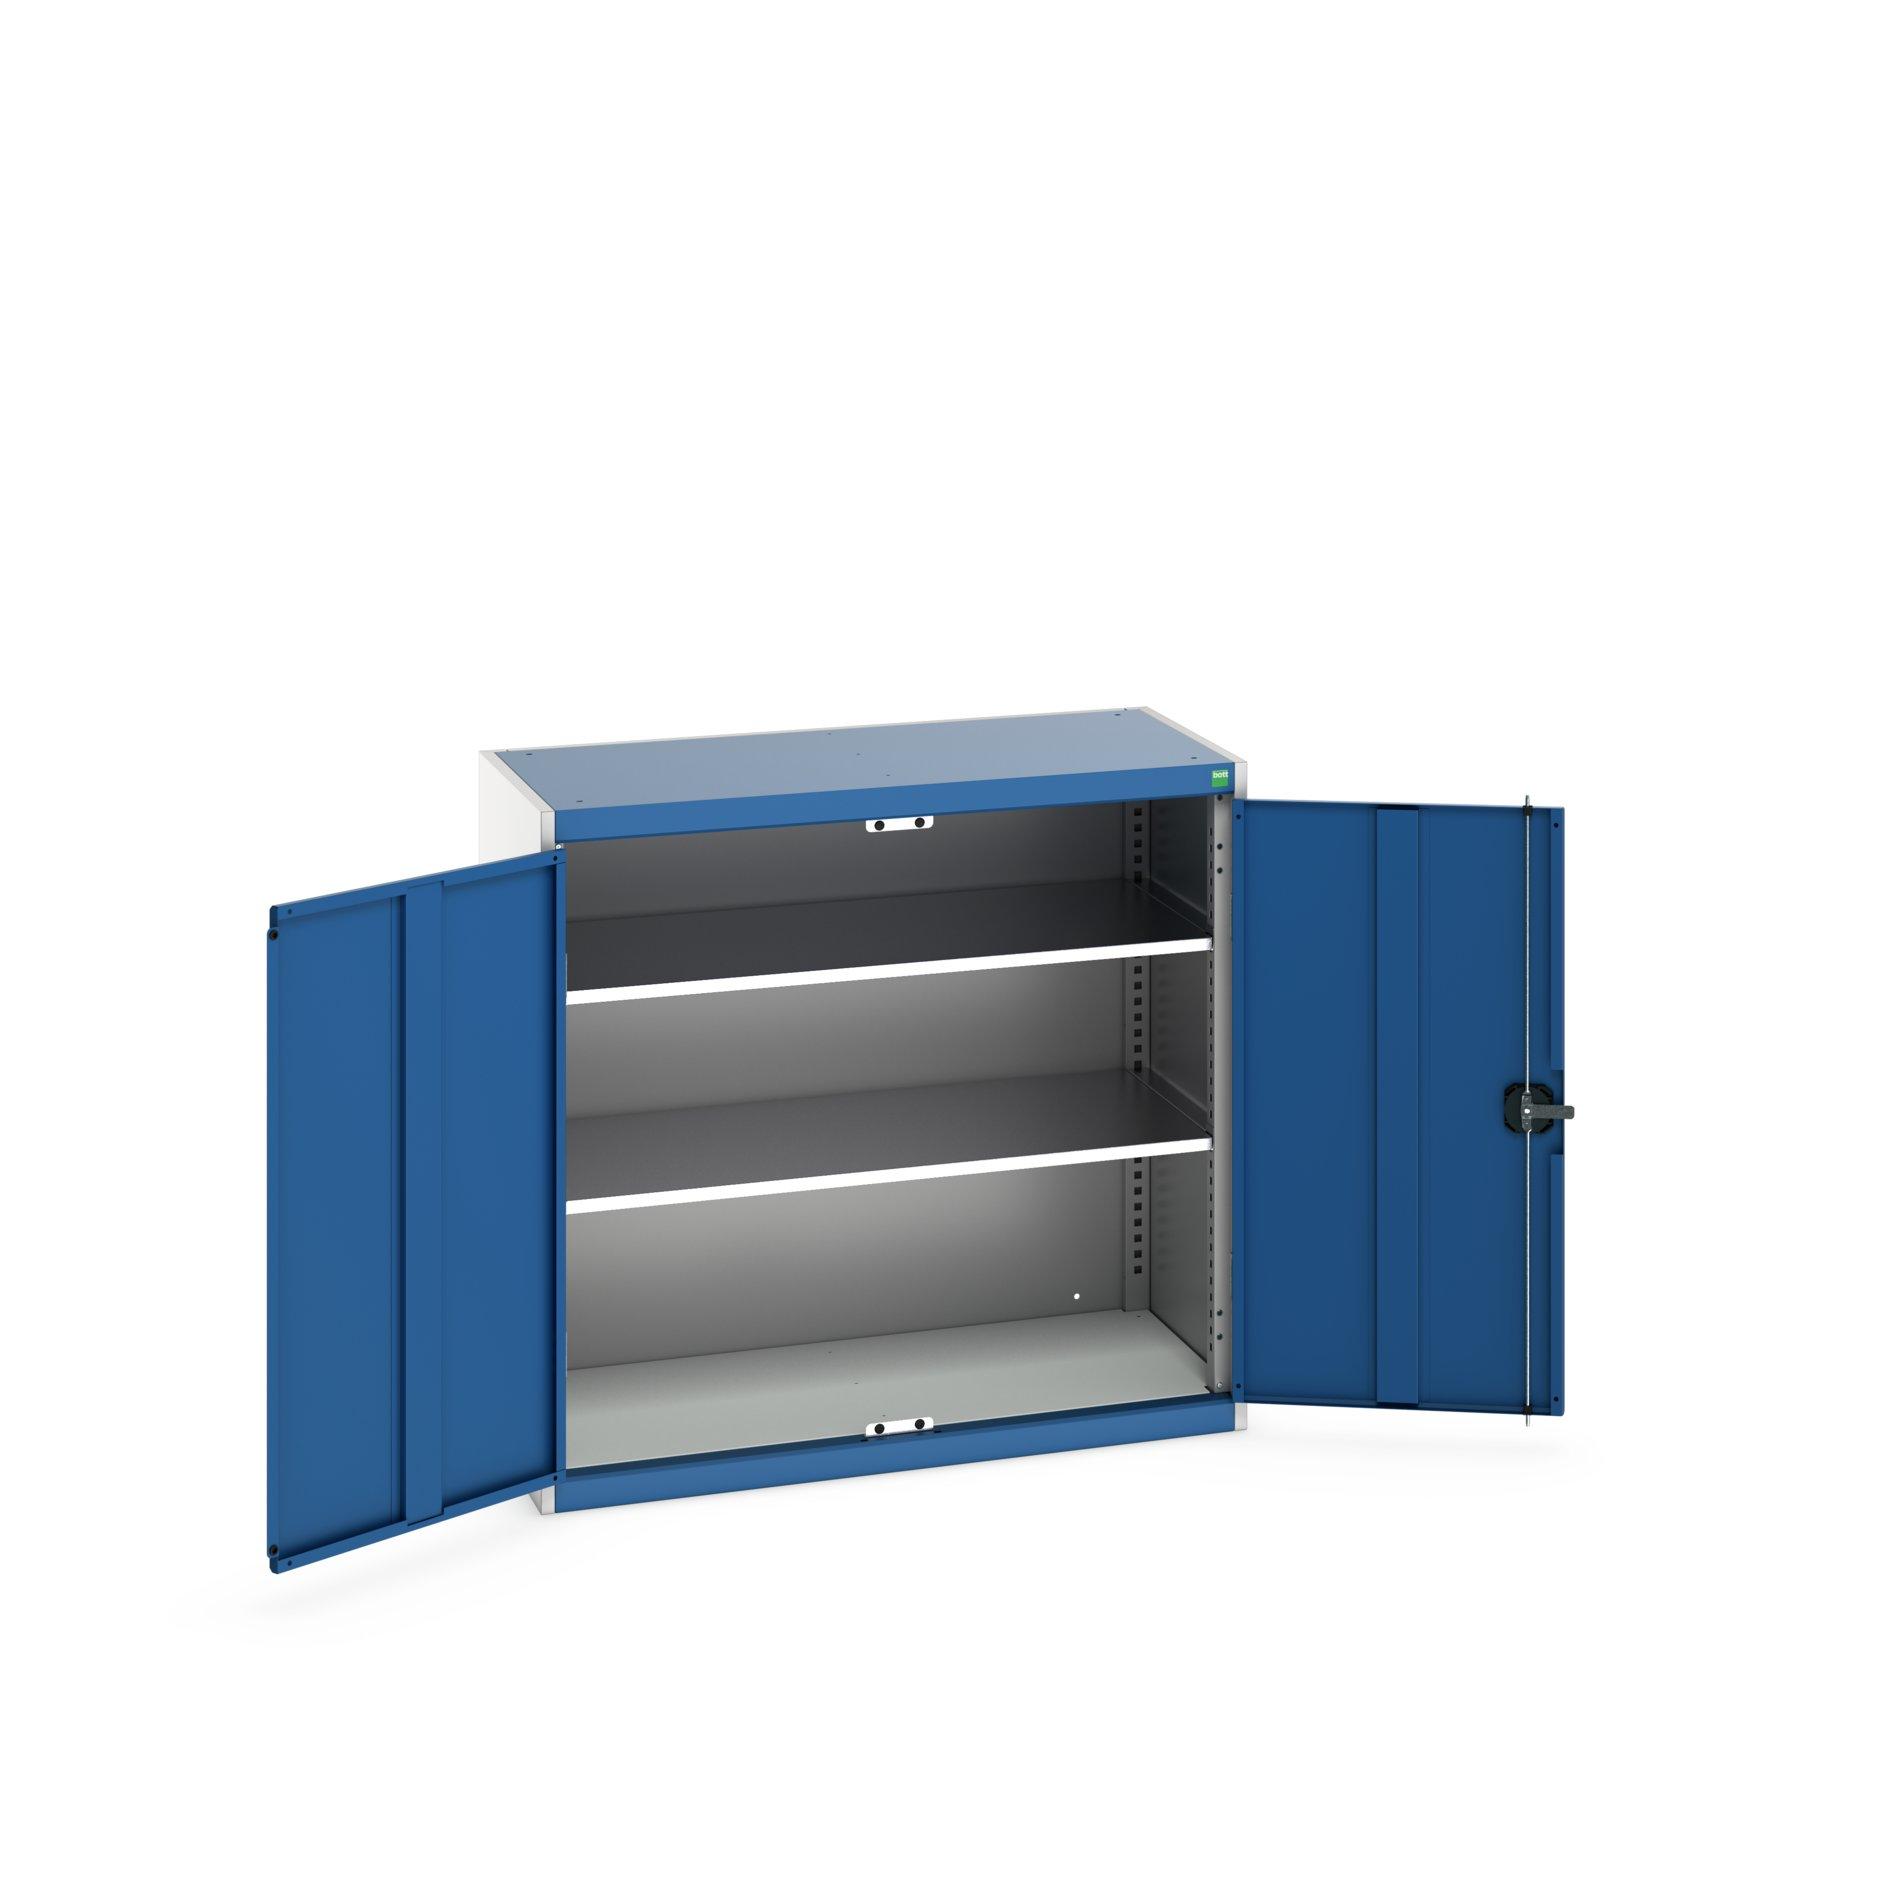 Bott Cubio Standard Duty Shelf Cupboard